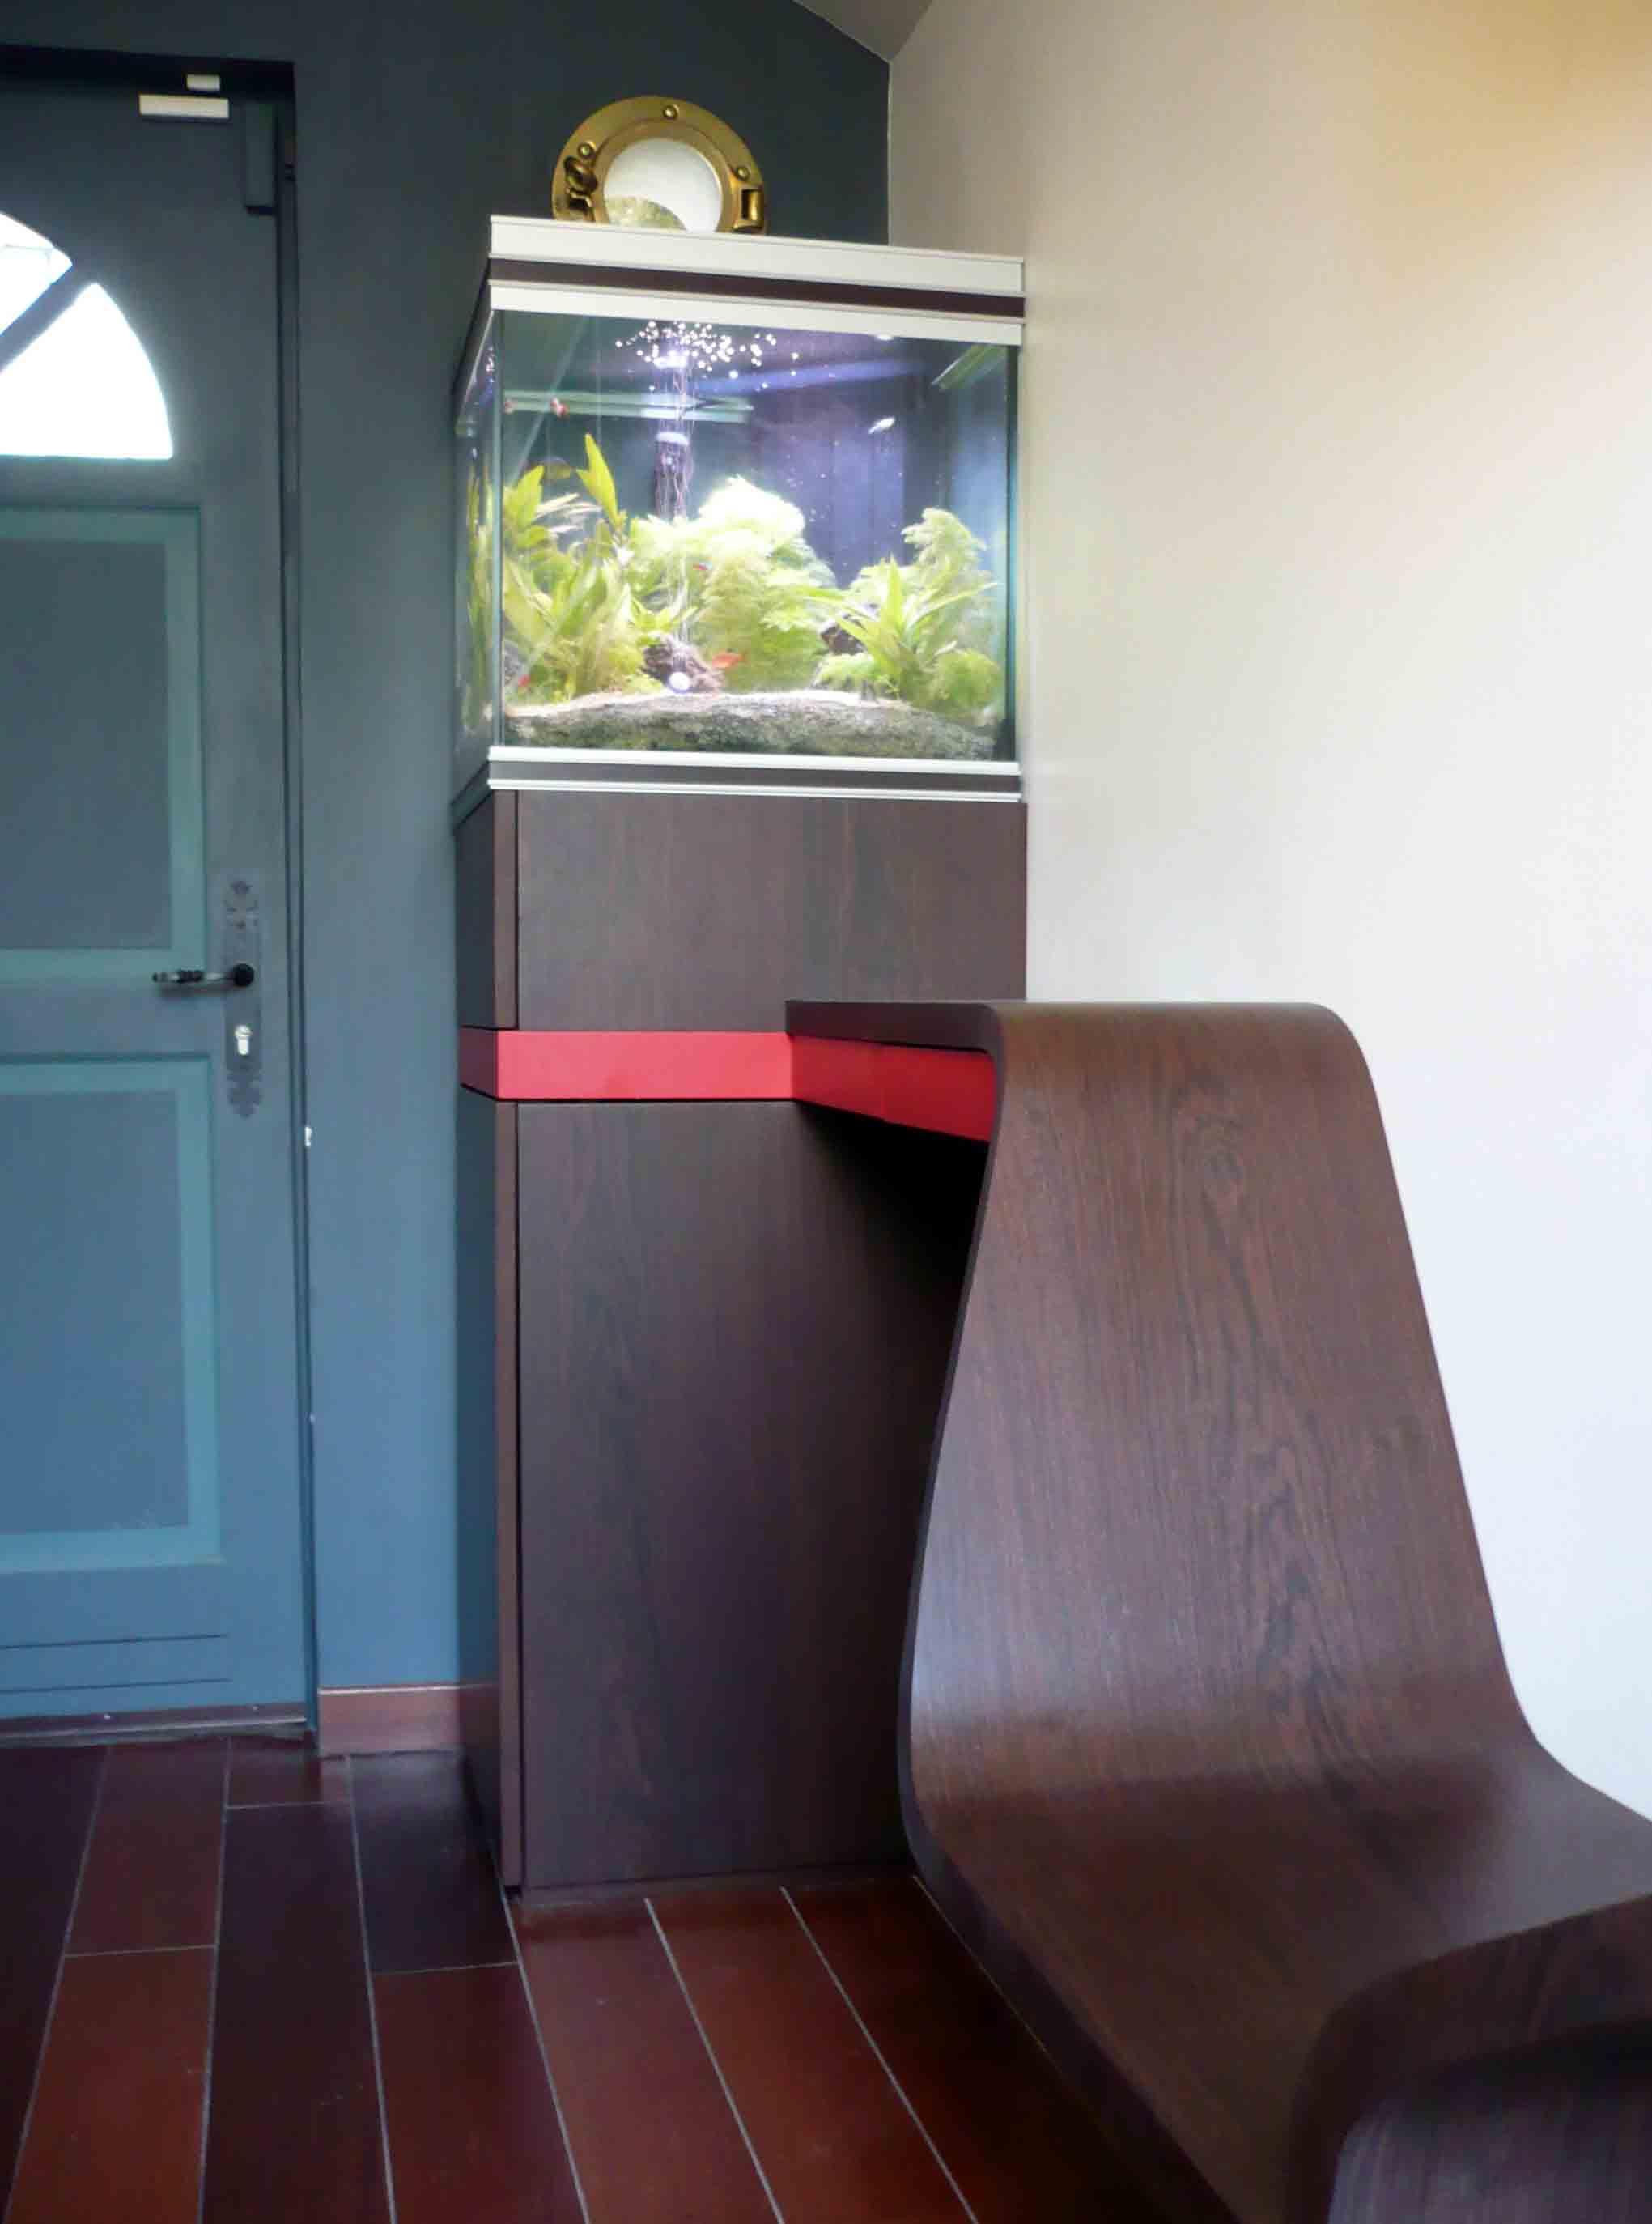 b niste cr ateur fabricant de mobilier contemporain sur mesure atelier helbecque 94 ile de. Black Bedroom Furniture Sets. Home Design Ideas